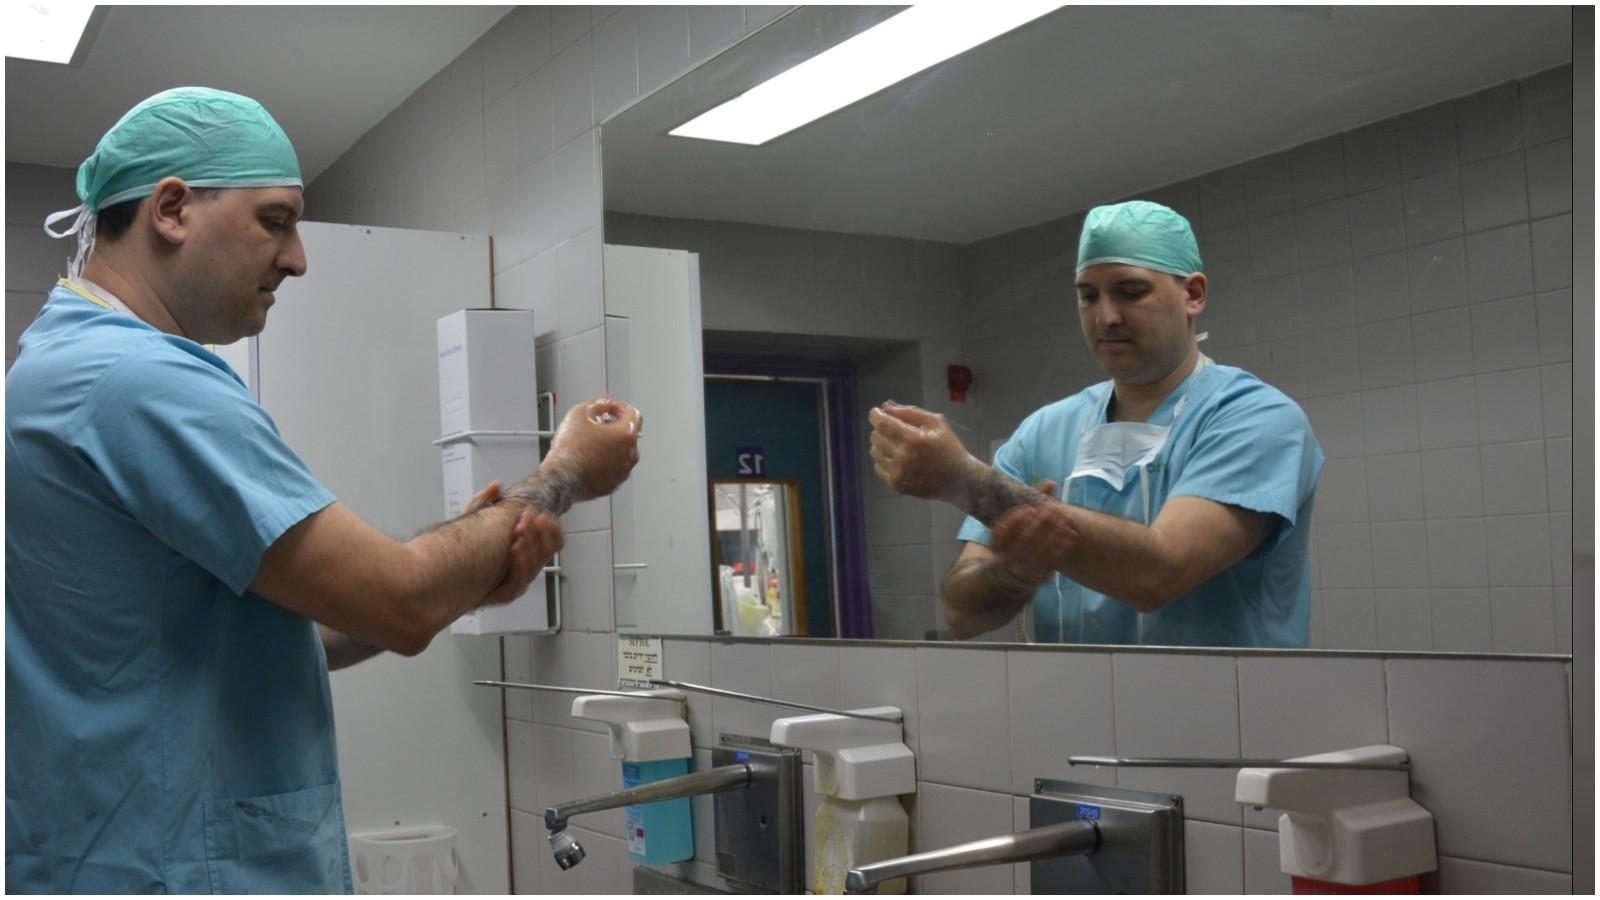 """ד""""ר יורי פייסחוביץ, מנהל היחידה לכירורגית חזה במערך ניתוחי לב וחזה בבילינסון, מתכונן לניתוח.צילום בית חולים בילינסון"""